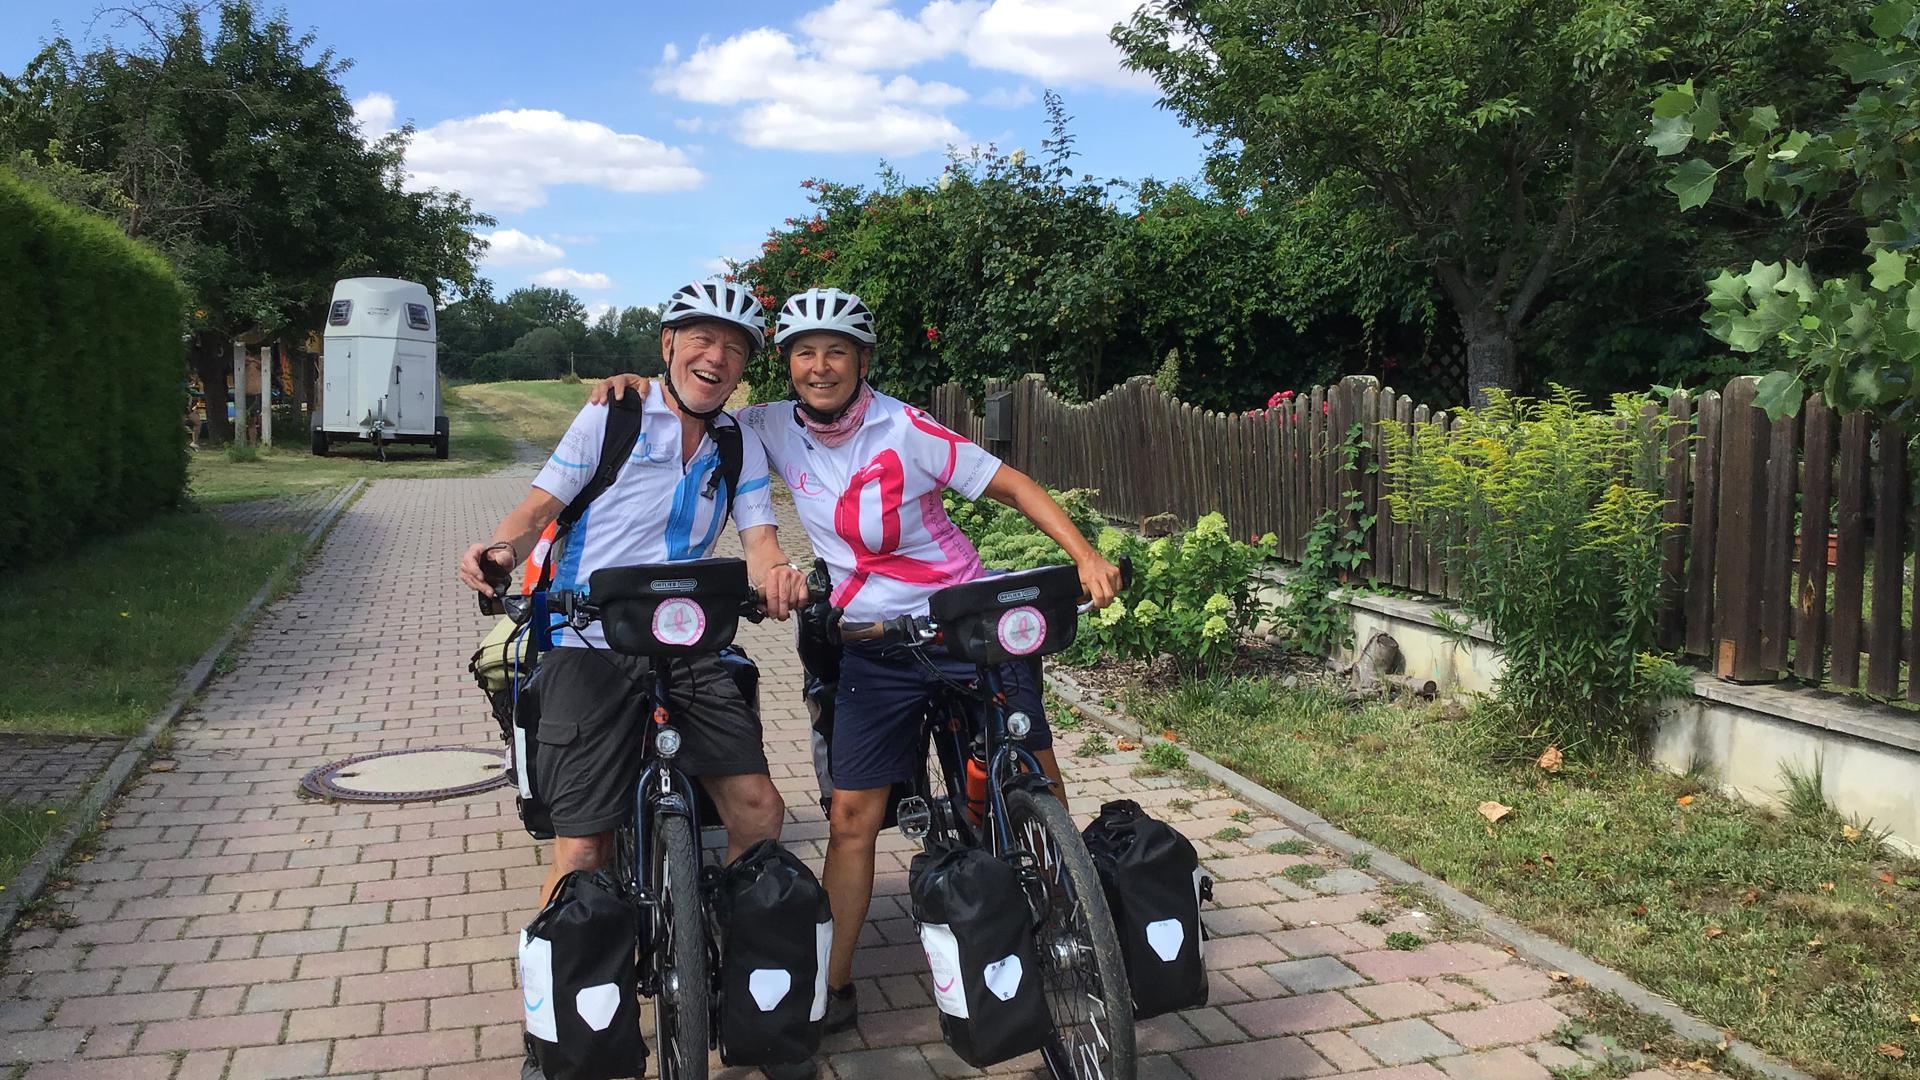 Reinhard und Doris Kappes gut gelaunt unterwegs mit dem Fahrrad.